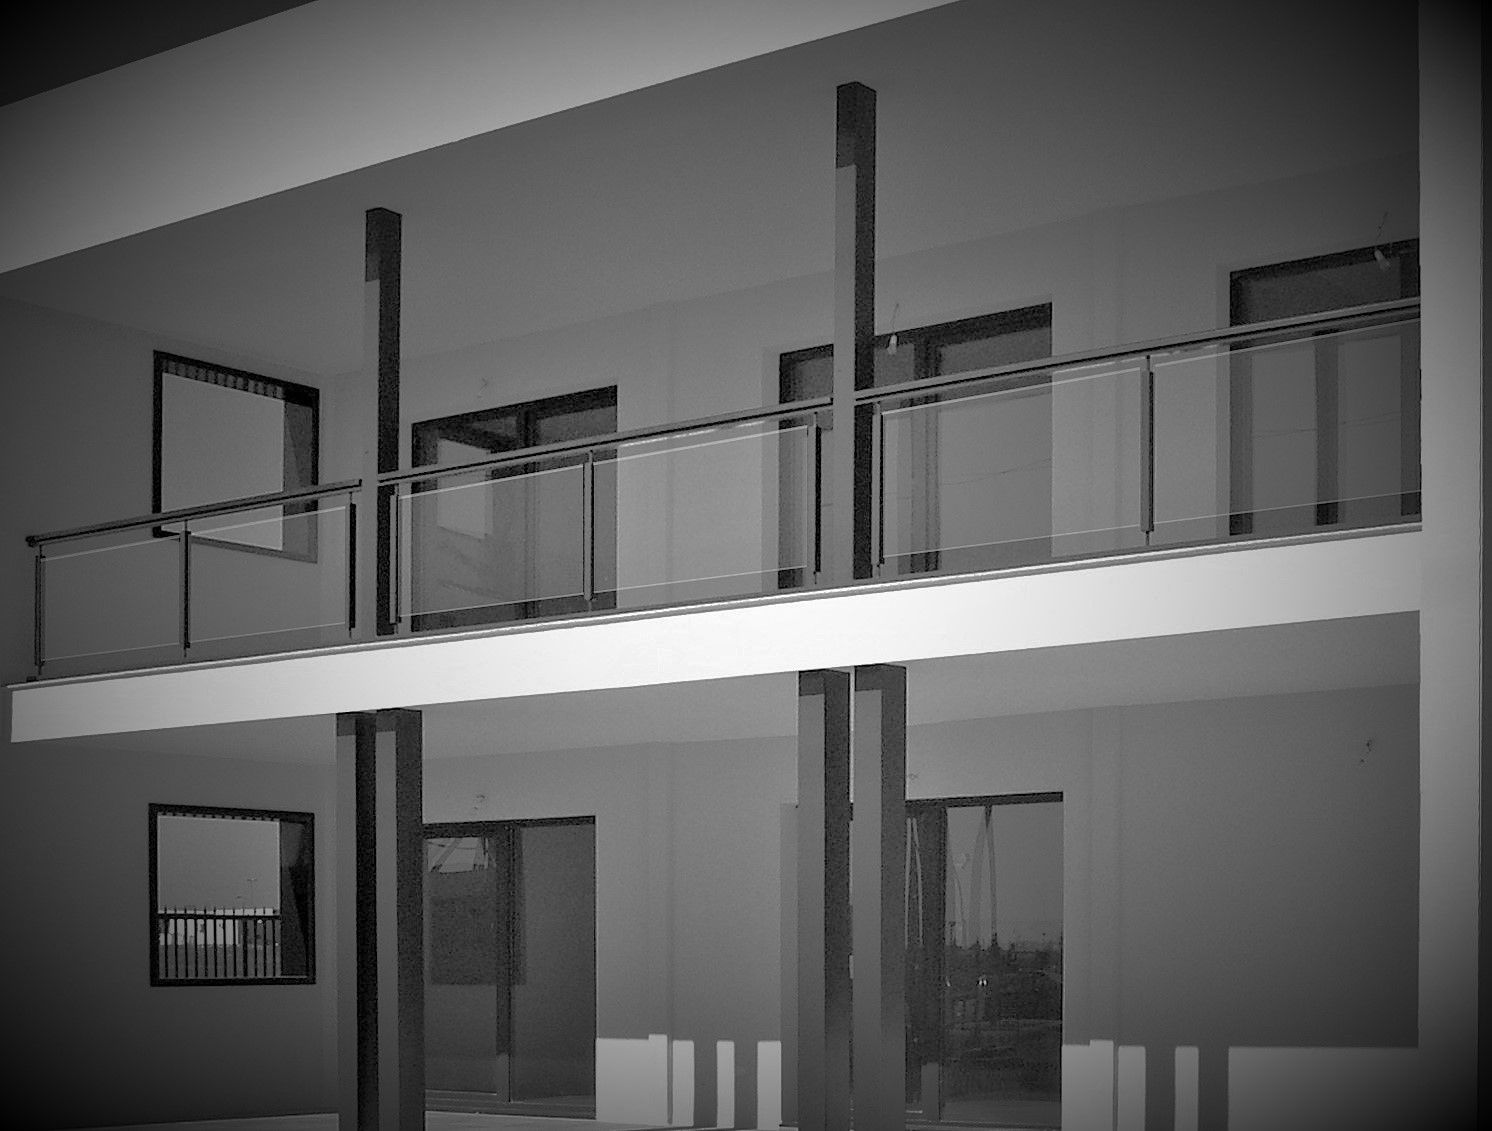 Porche y terraza casa - Viviendas de acero ...